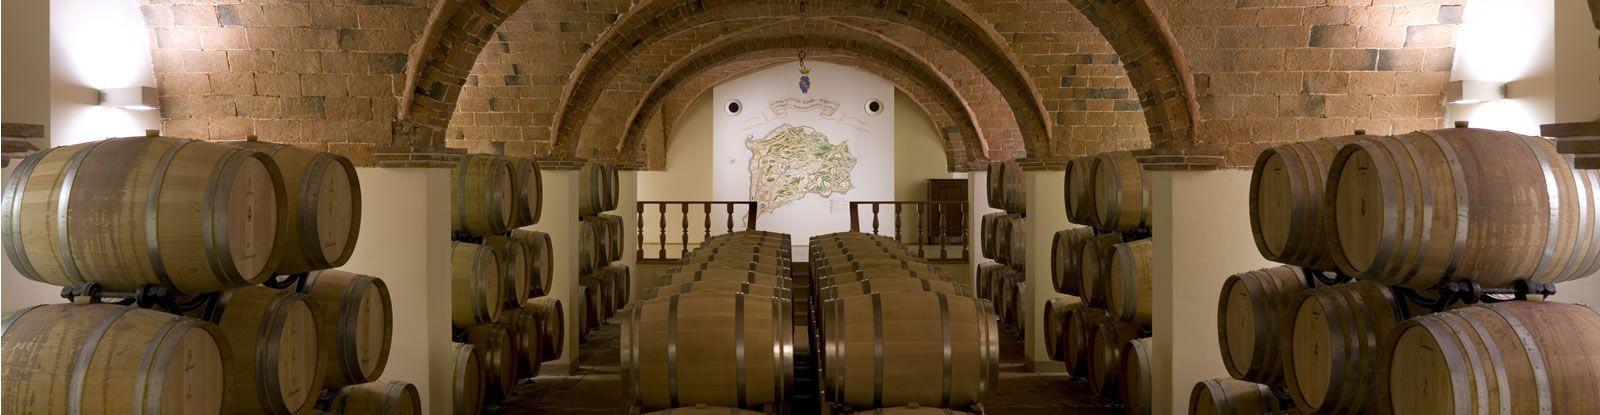 Local do envelhecimento dos vinhos - cantina